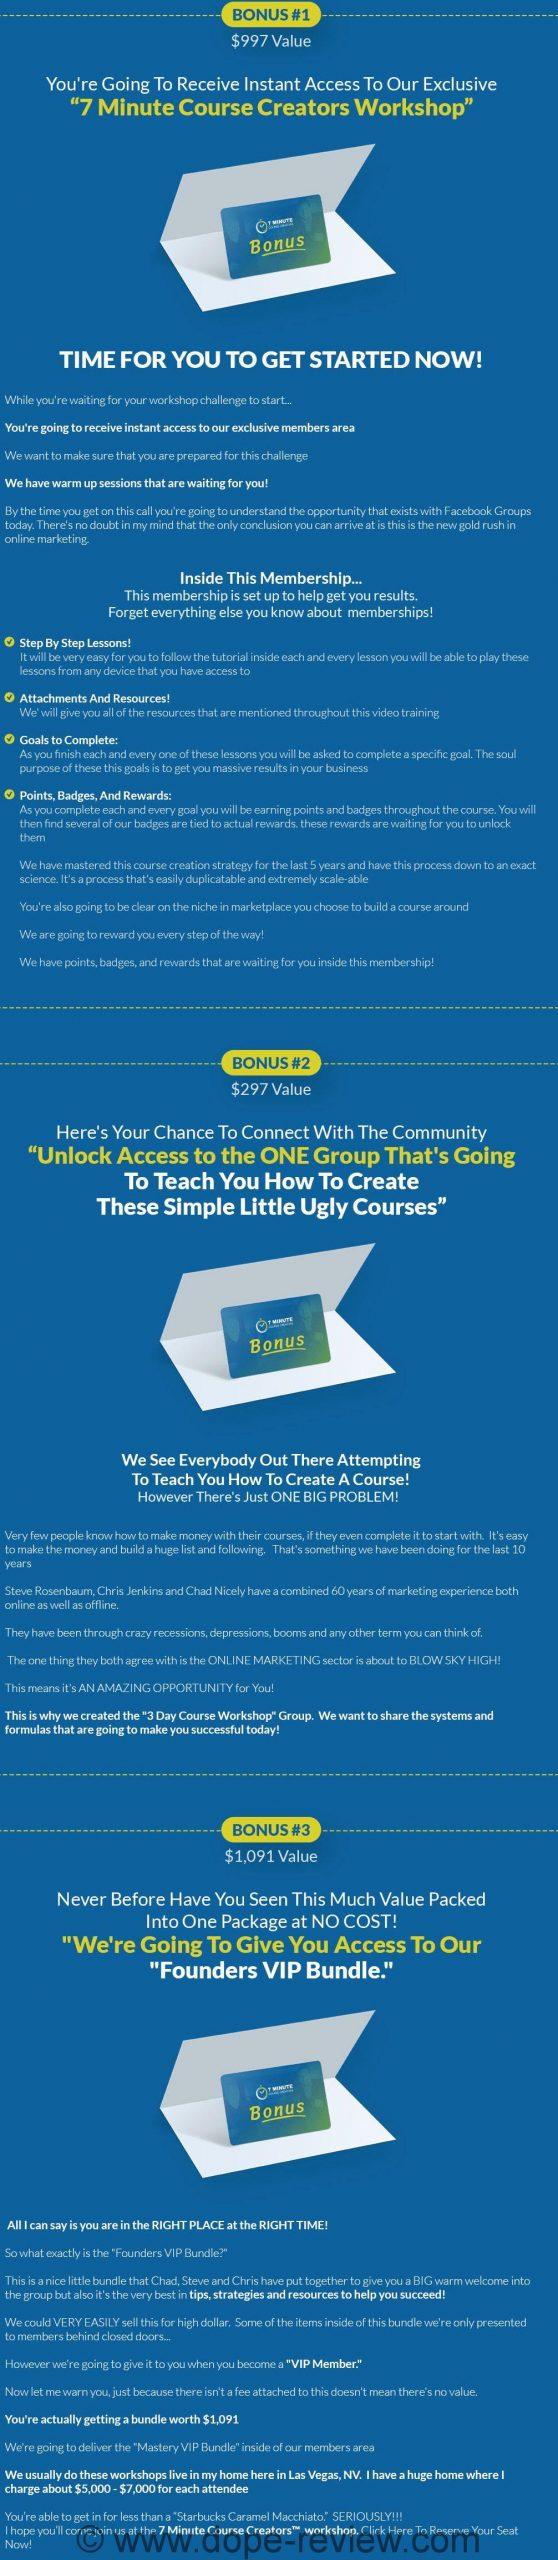 7 Minute Course Creators Bonus